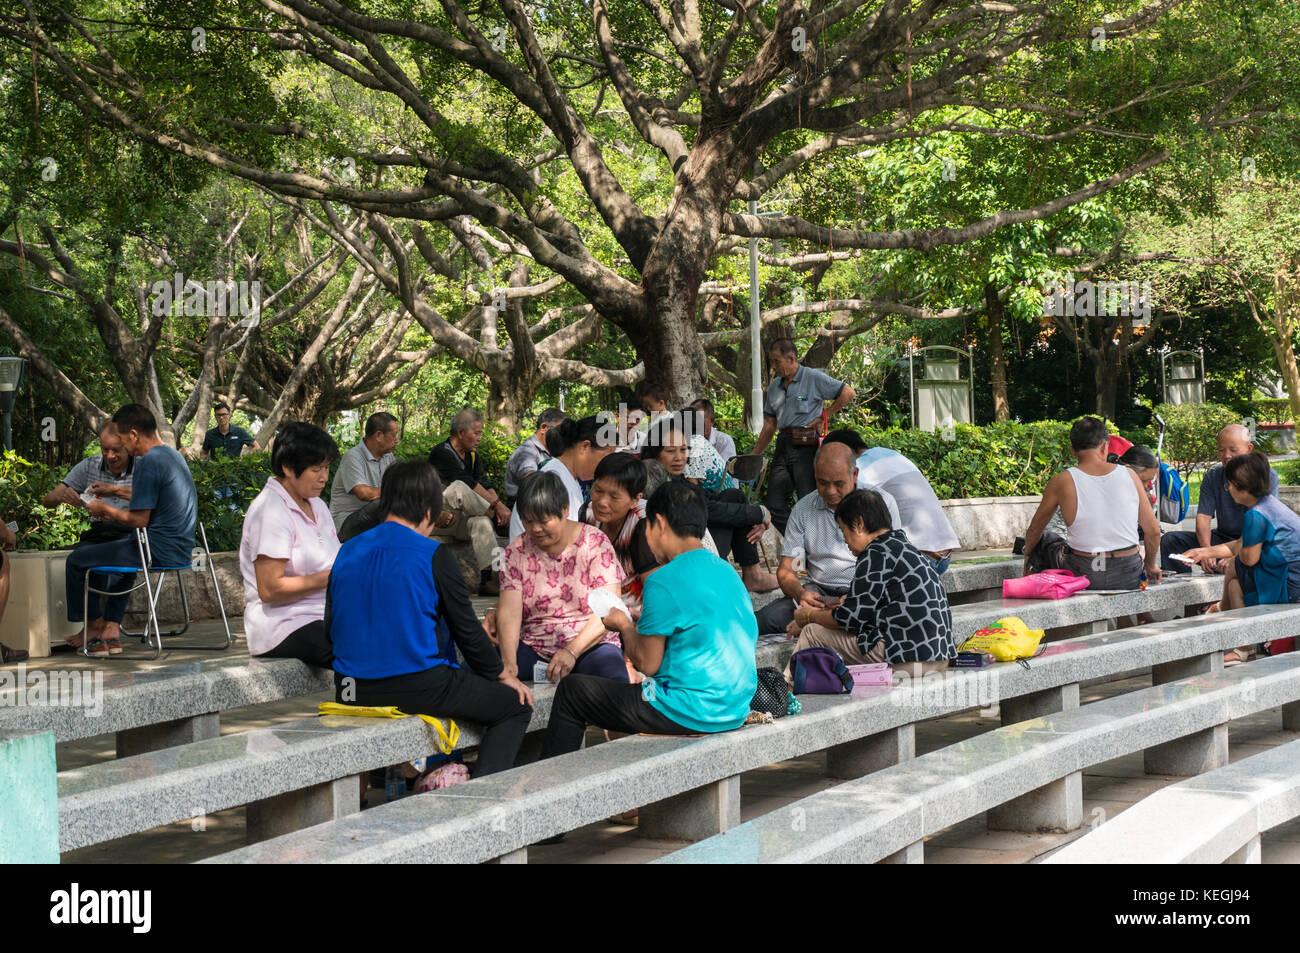 Les personnes âgées des cartes à jouer dans un parc à Shenzhen, province de Guangdong, Chine Photo Stock